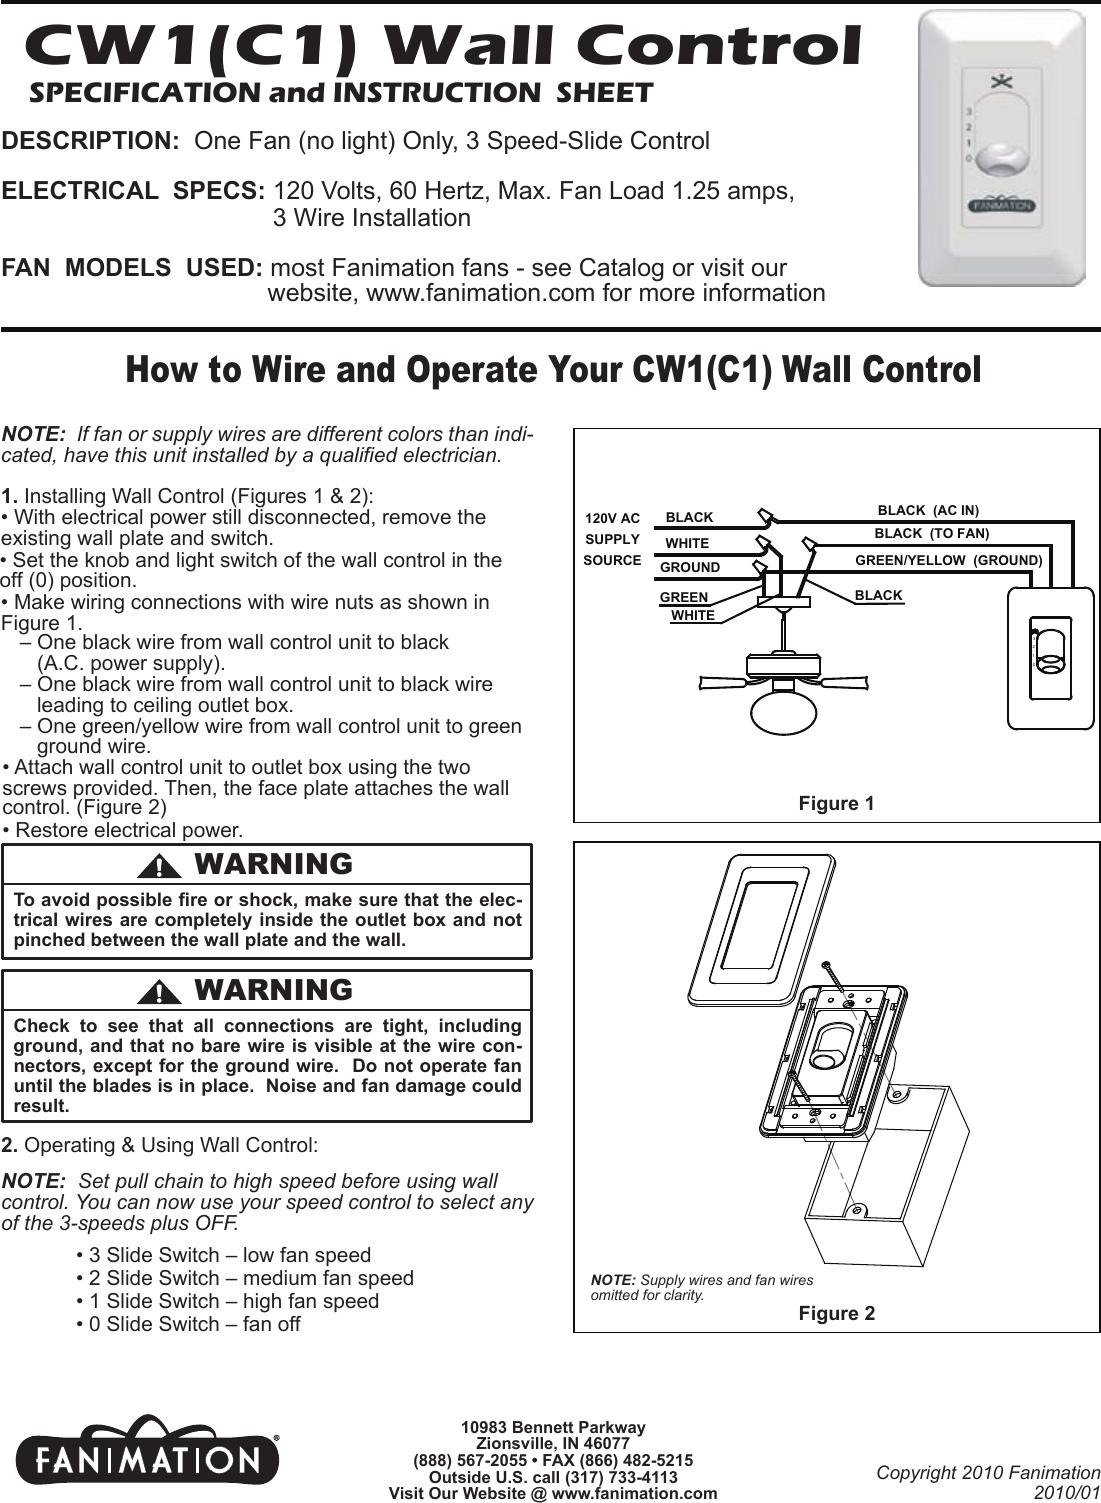 CW1 Wall Control_1 27 10 Control 2